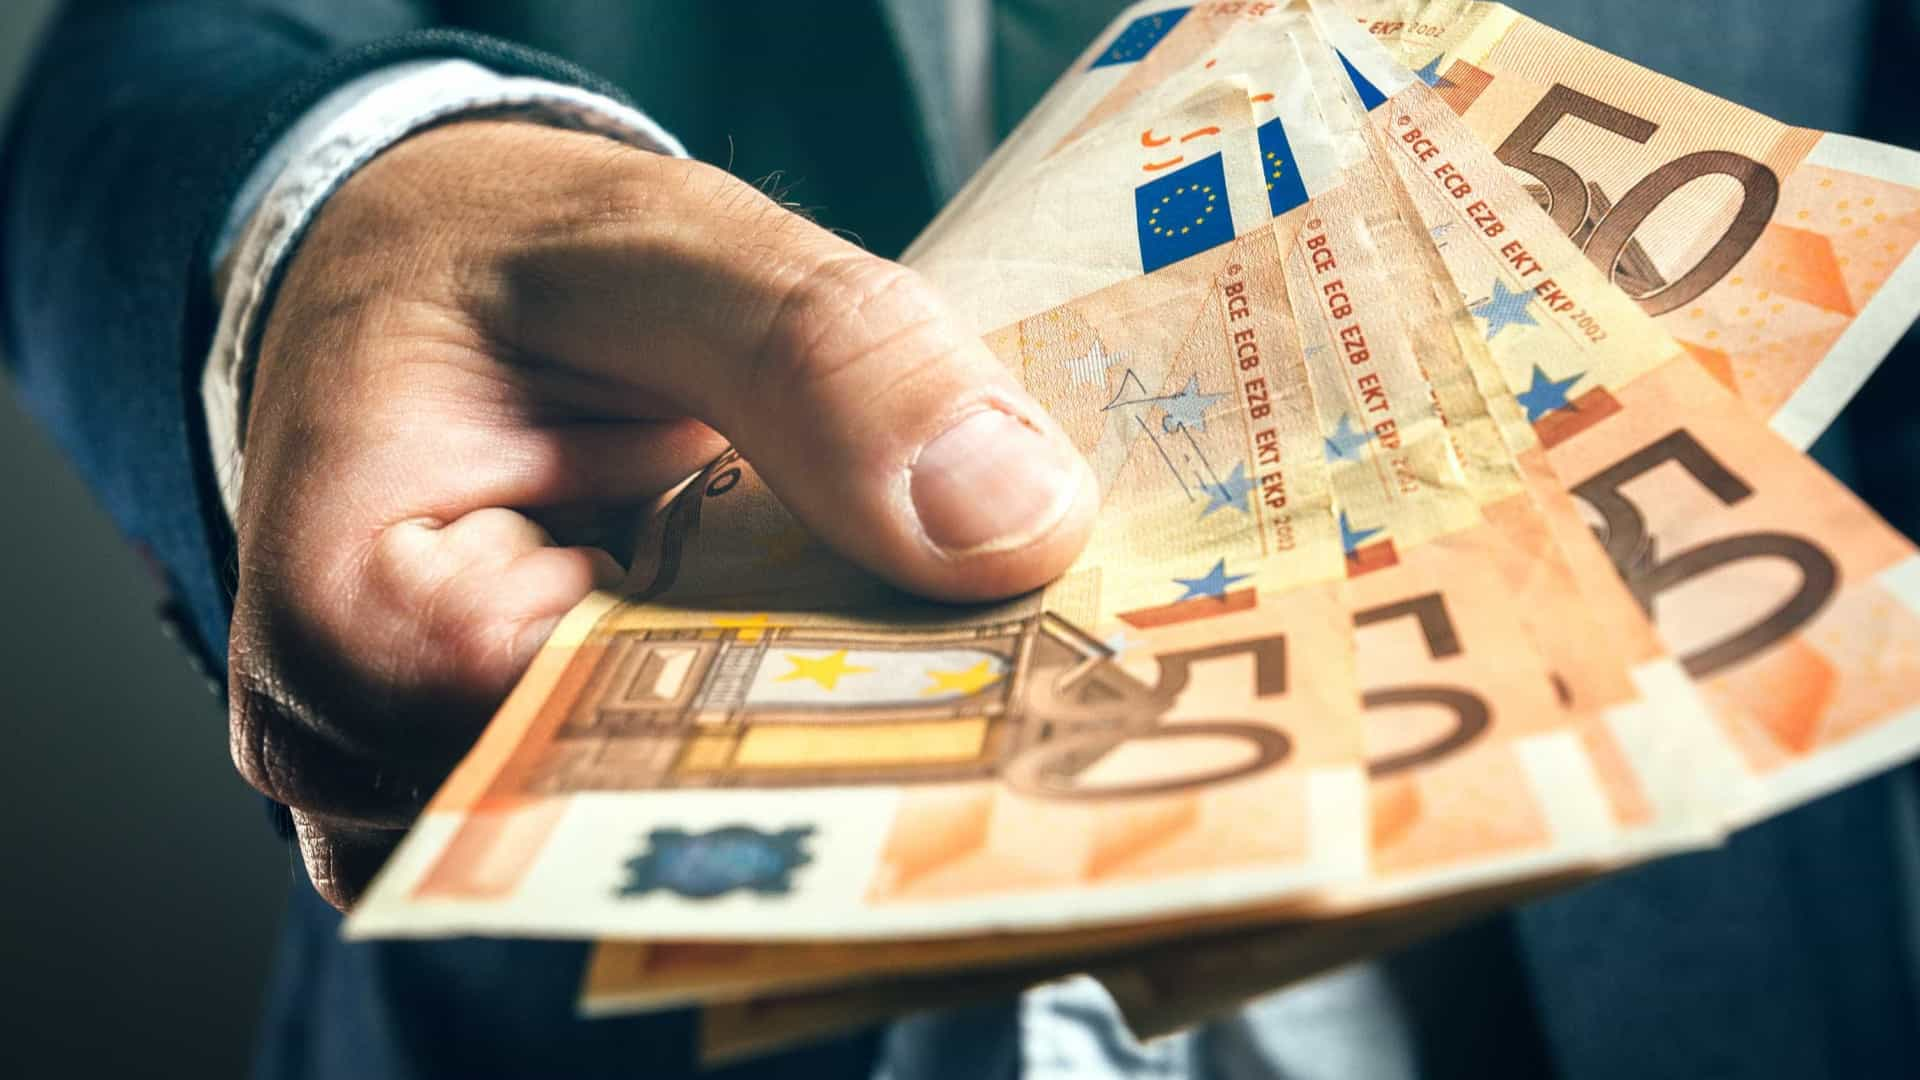 Cinco dos maiores bancos conseguem lucros de 460 milhões até setembro